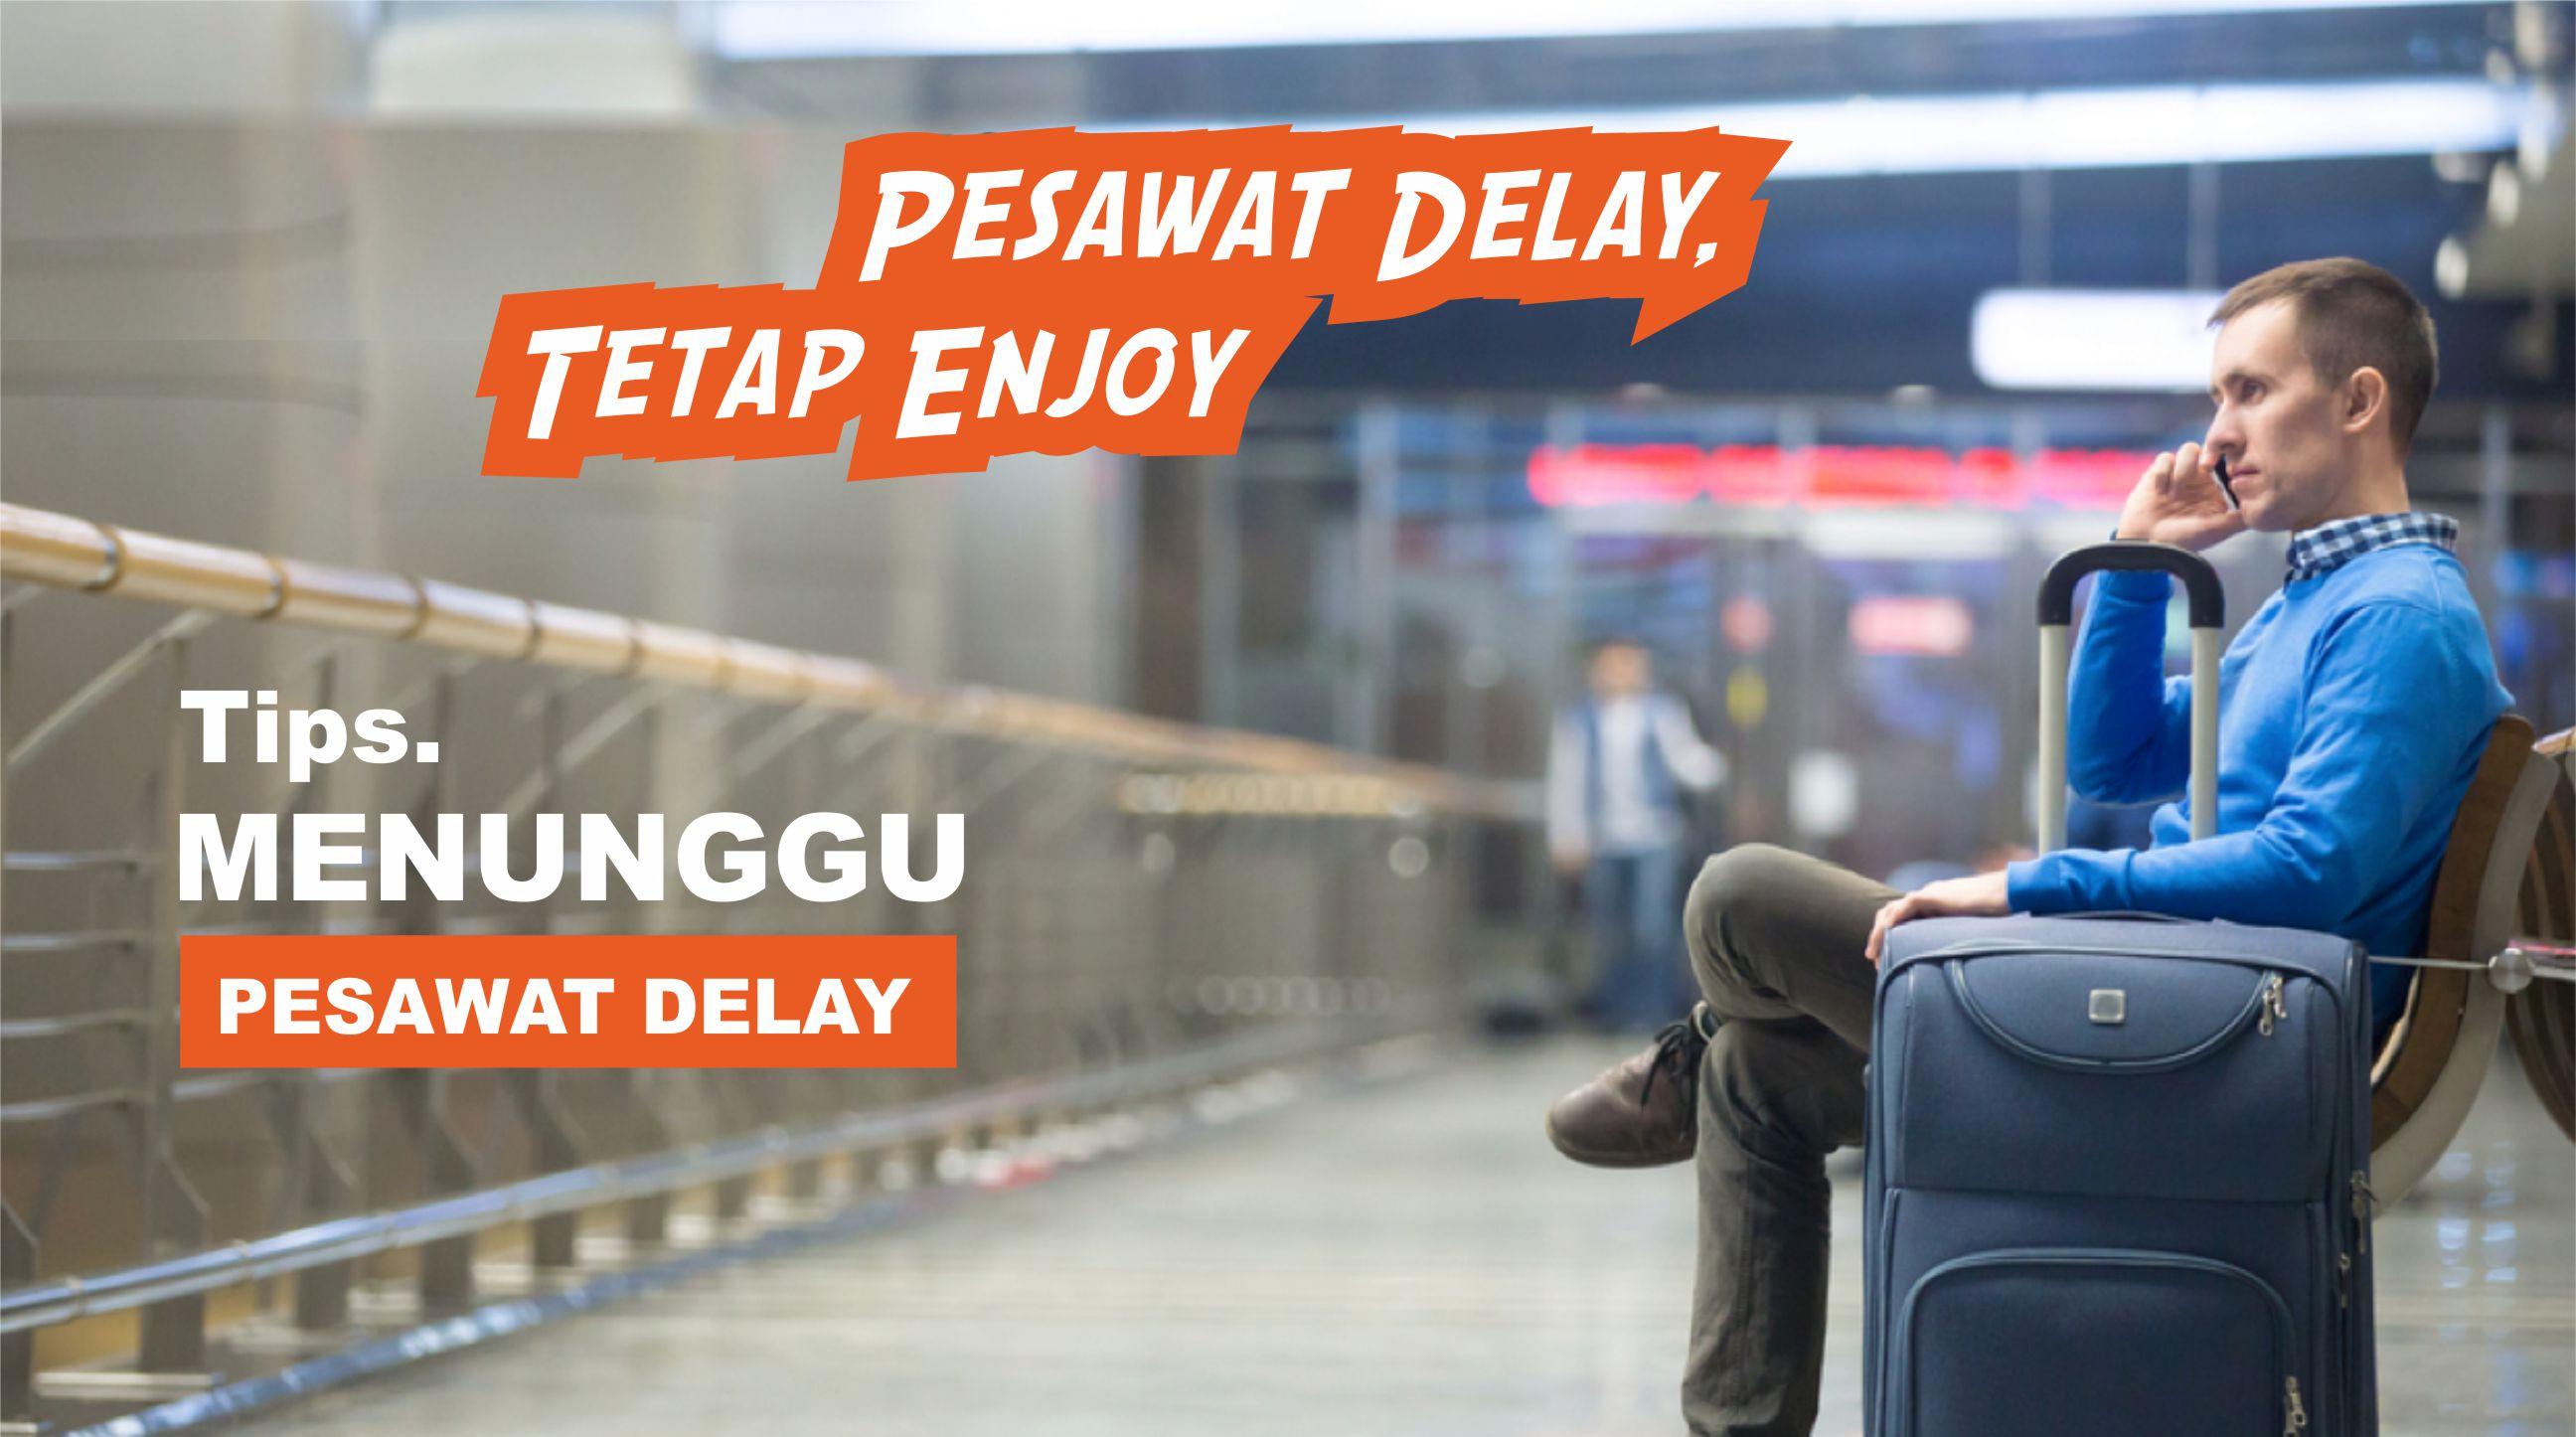 pesawat delay